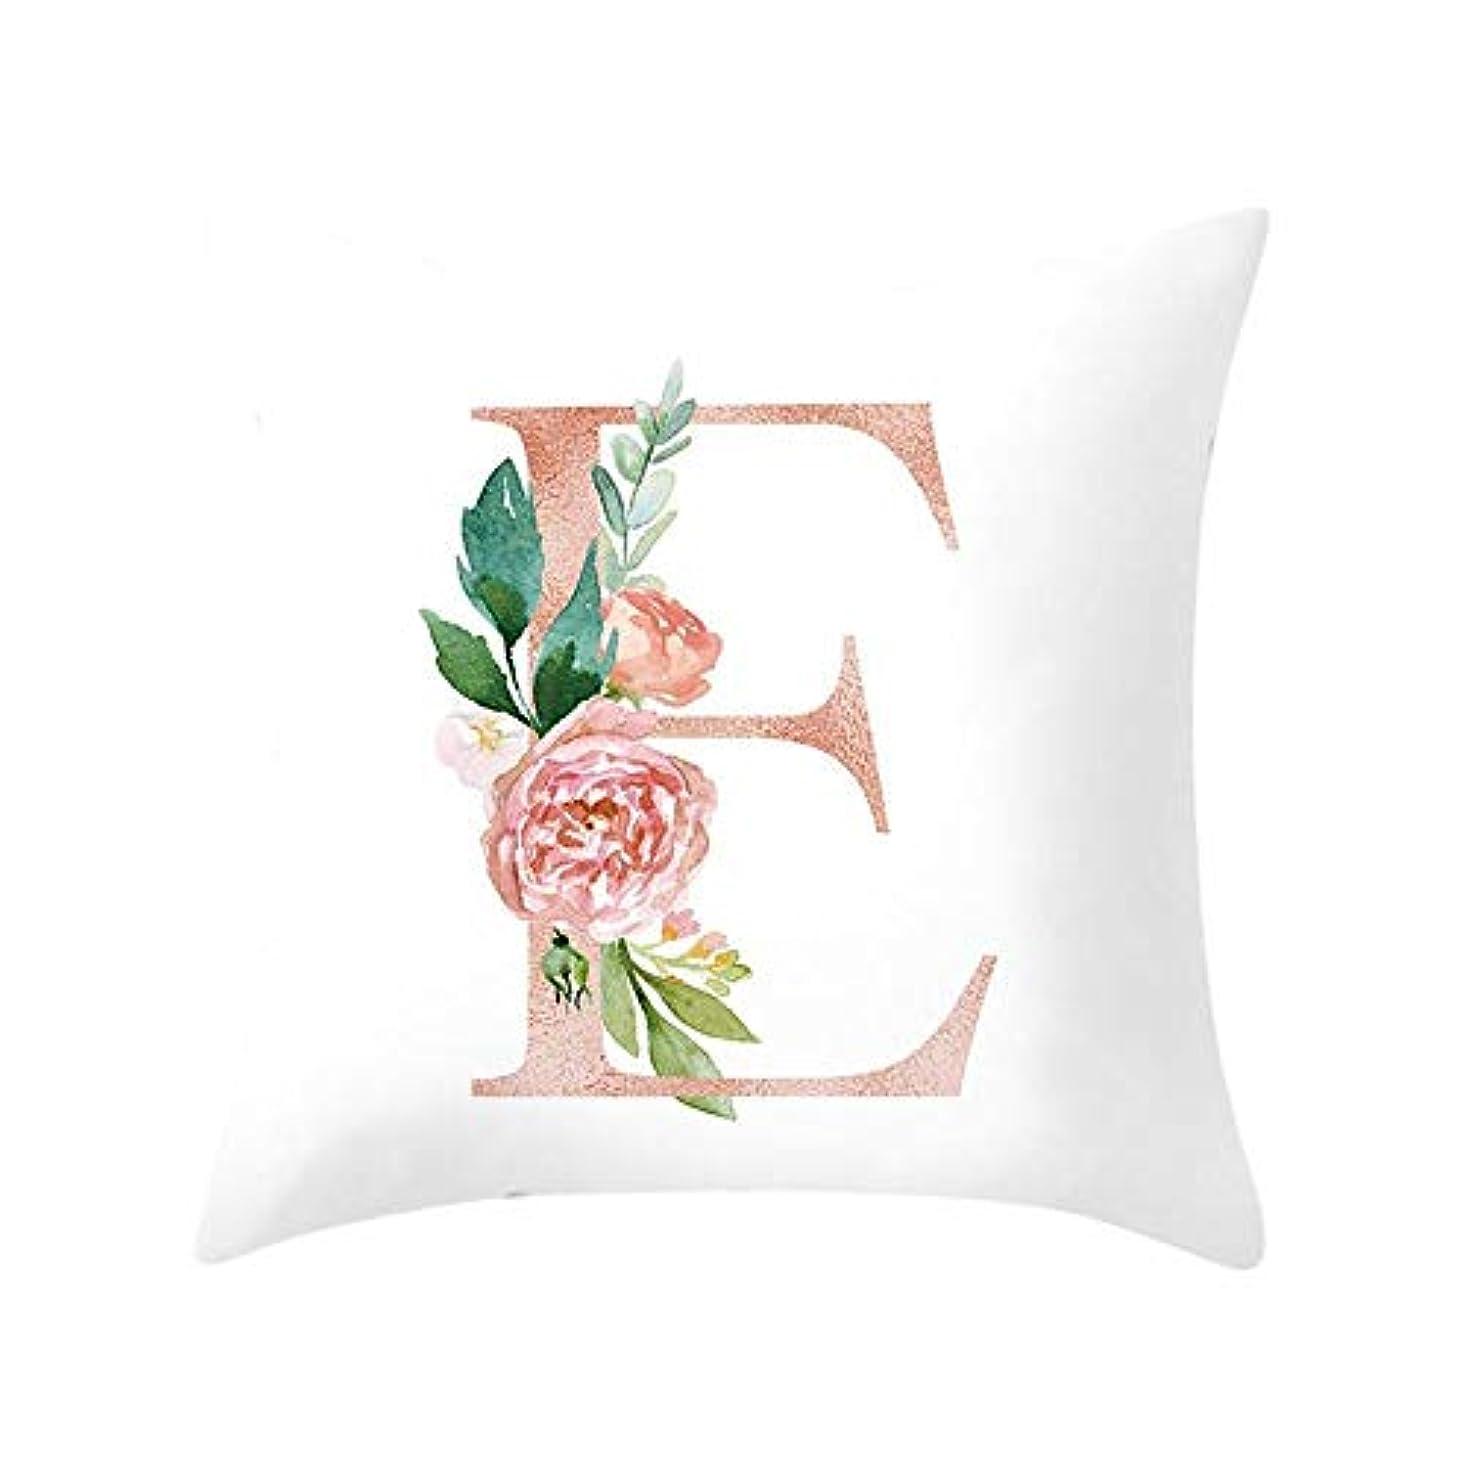 到着やりすぎトレーニングLIFE 装飾クッションソファ手紙枕アルファベットクッション印刷ソファ家の装飾の花枕 coussin decoratif クッション 椅子